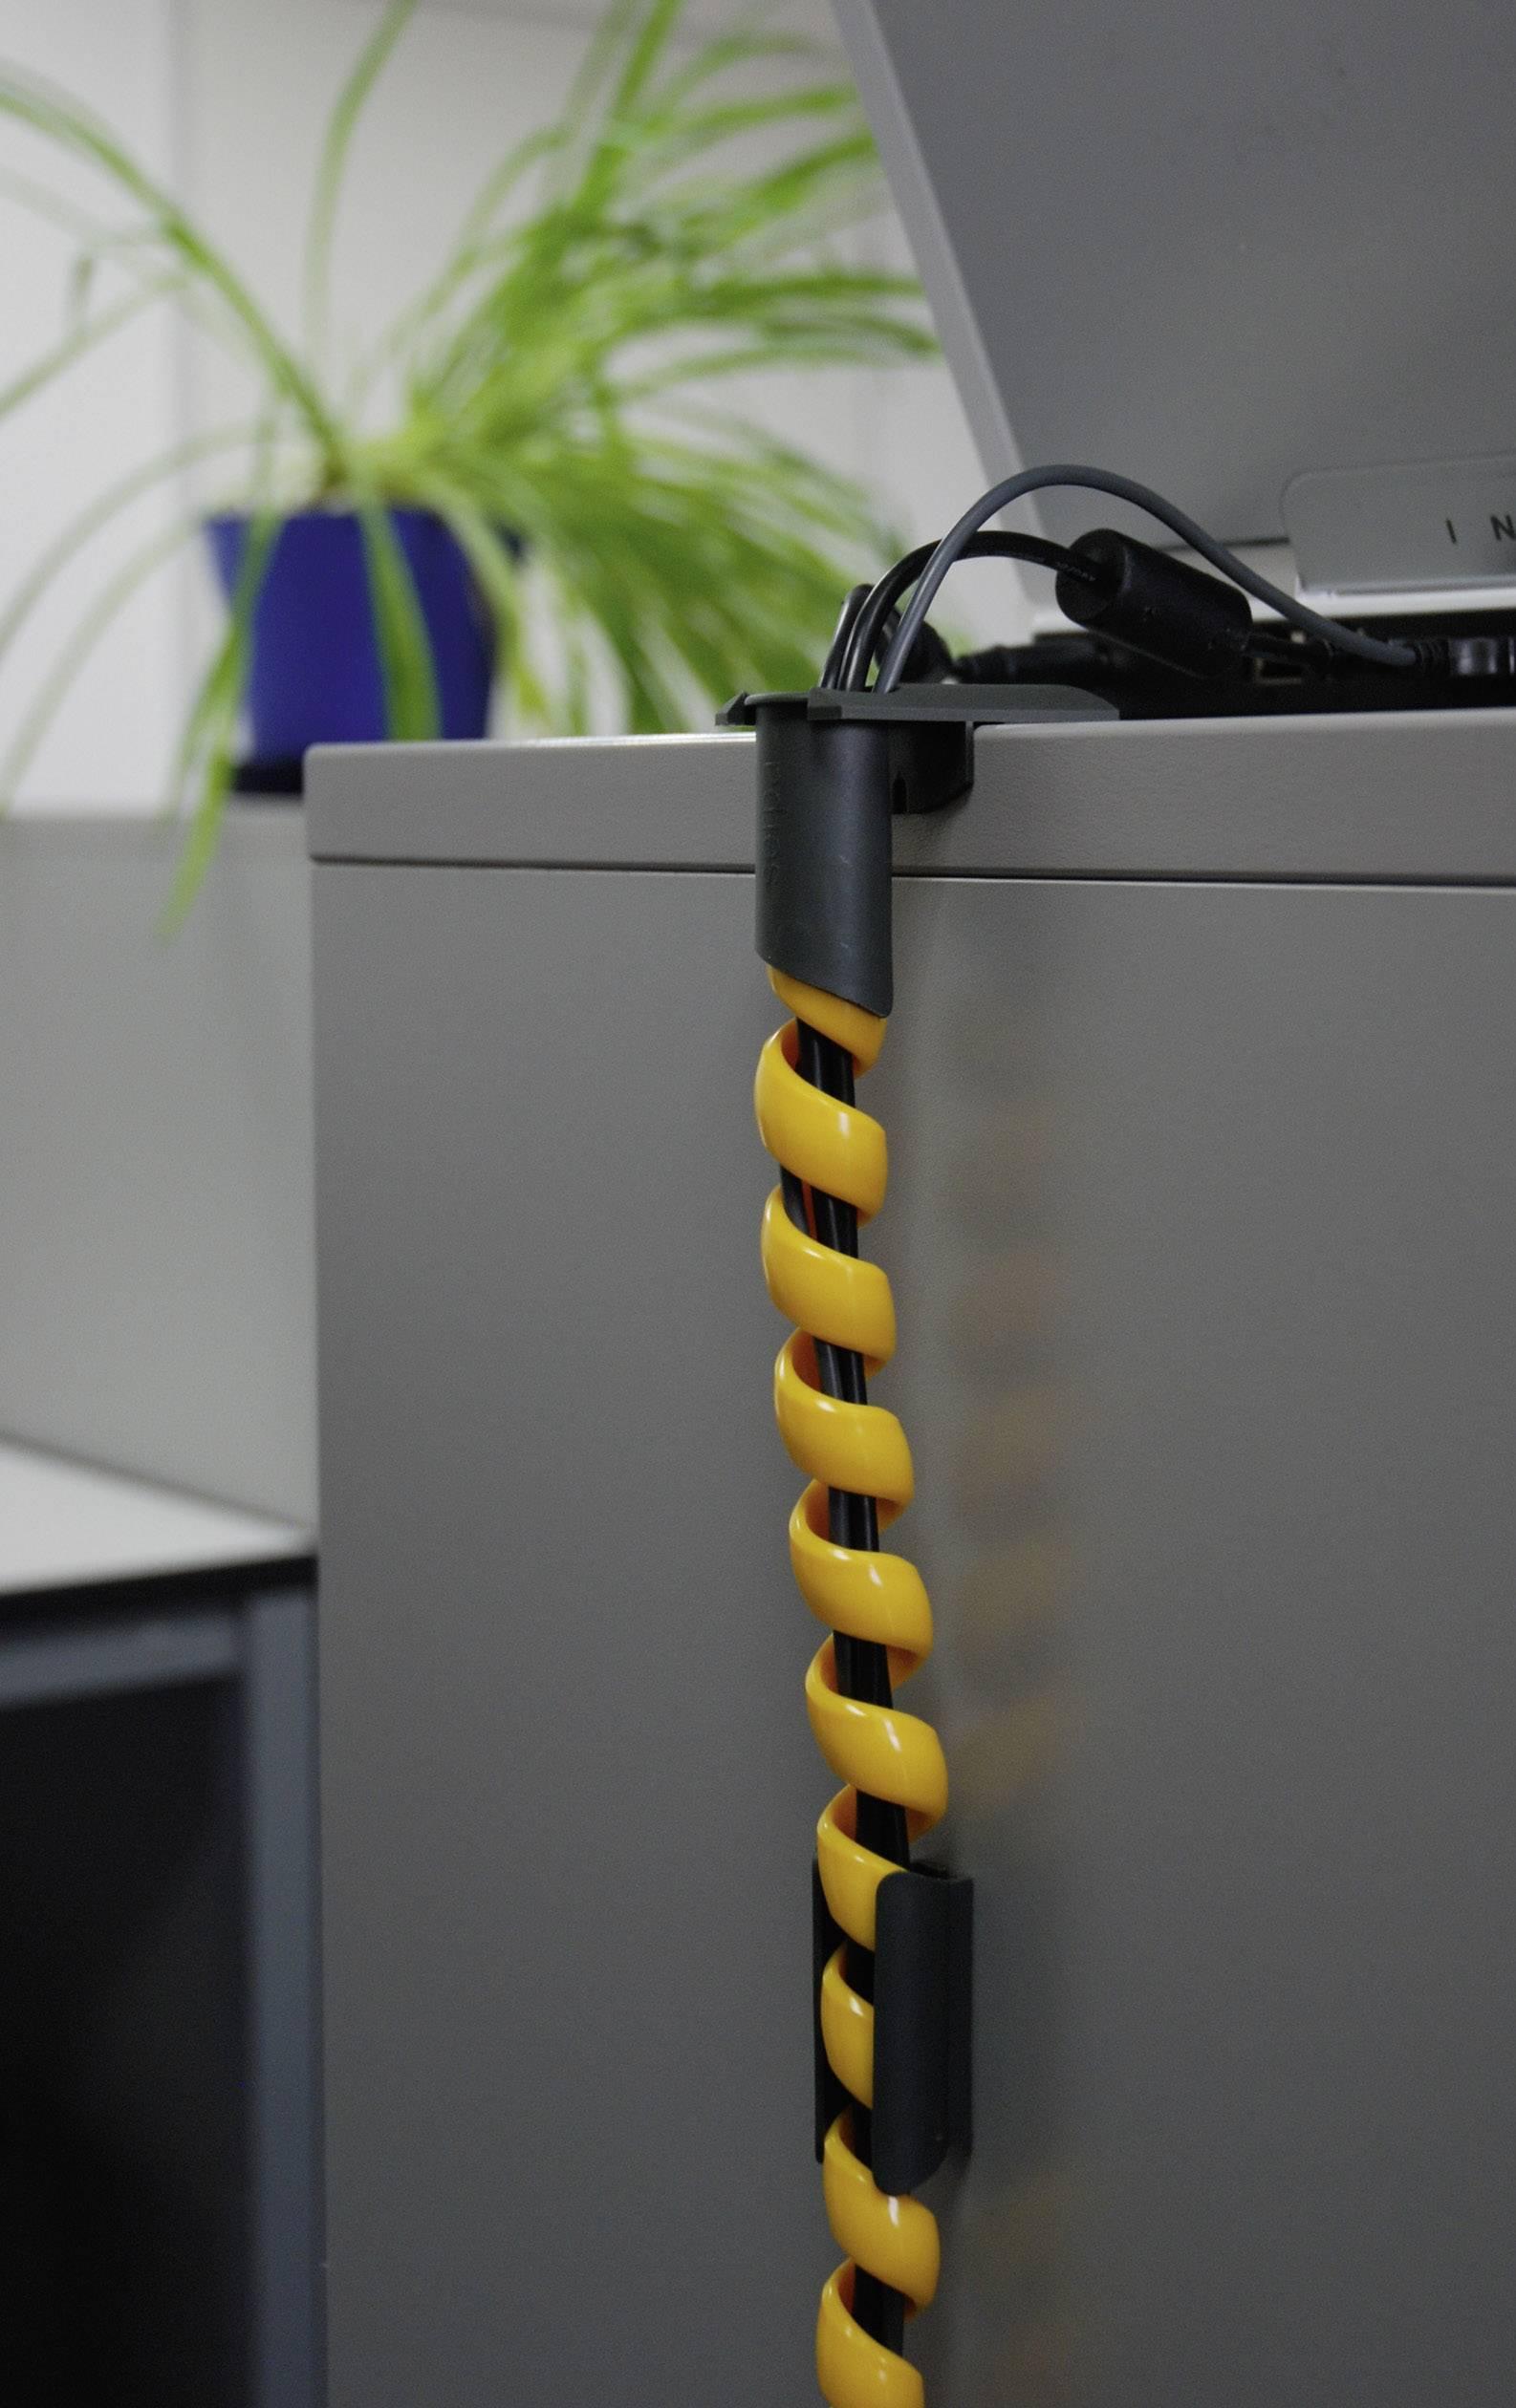 Špirálový káblový oplet Serpa 5.04003.1028, 15 mm (max), 1 sada, žltá